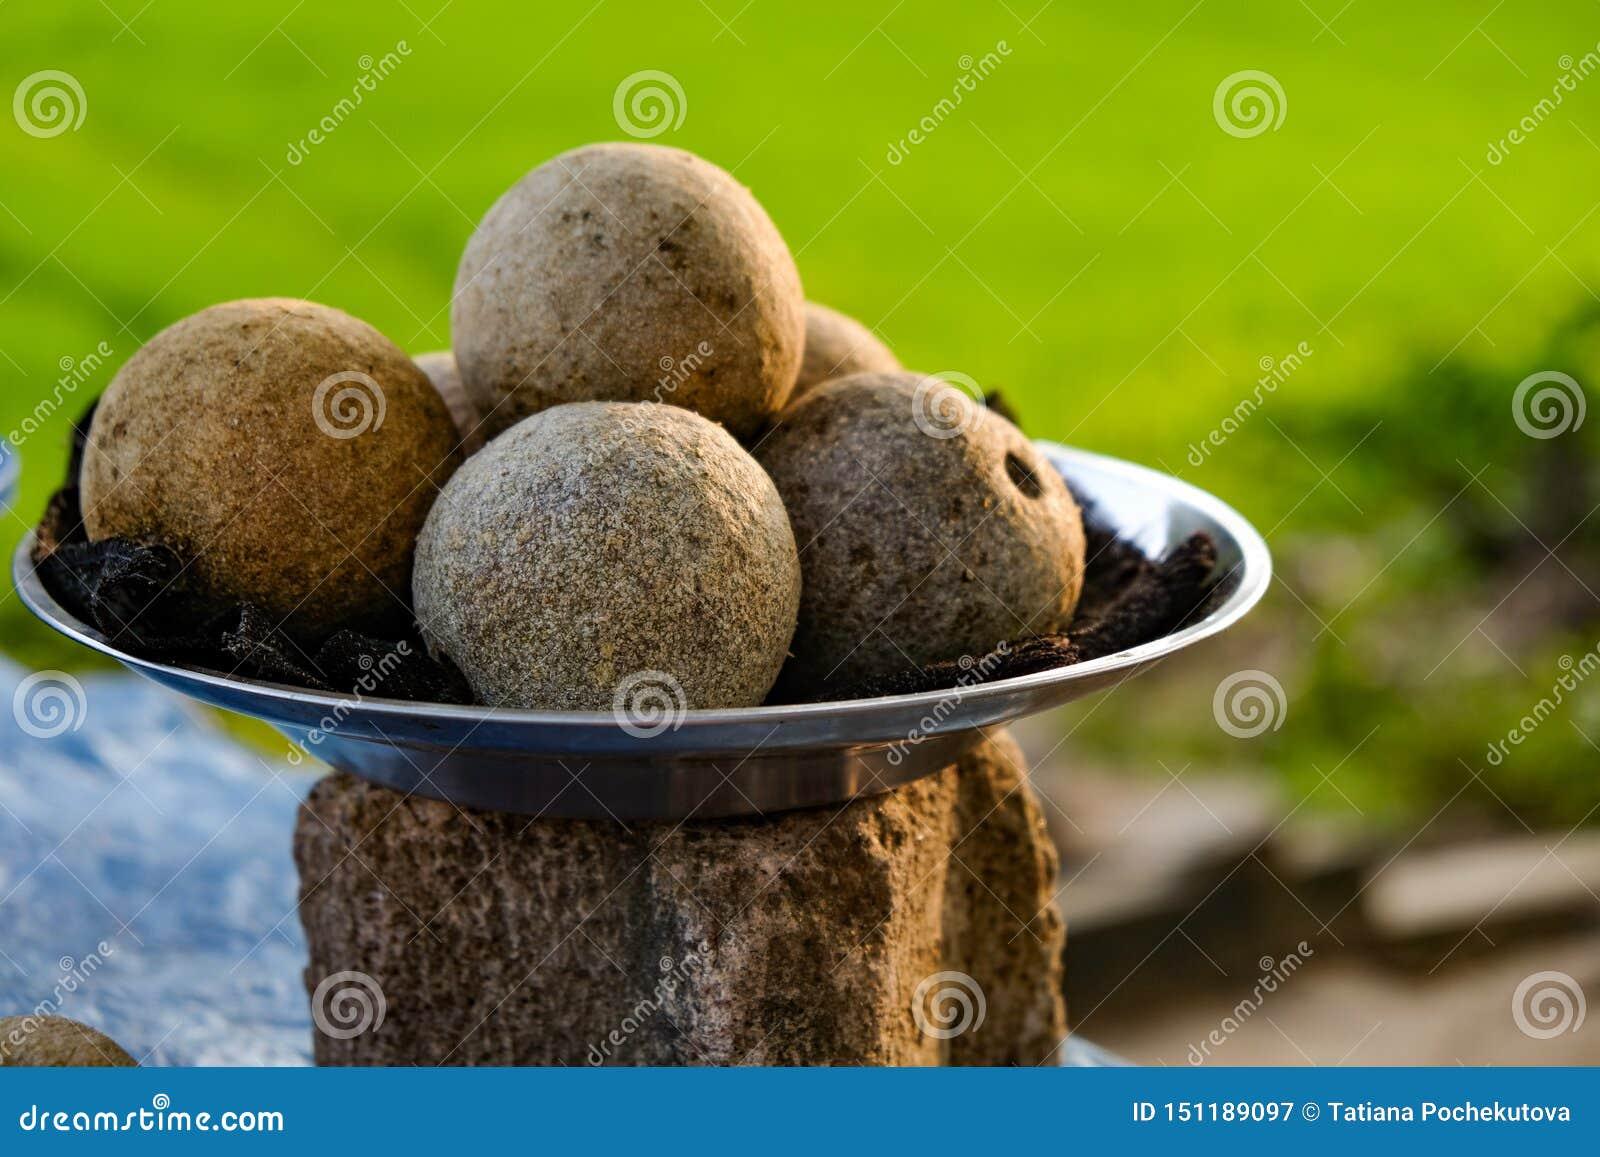 De kokosnoten van Srilankan als straatvoedsel